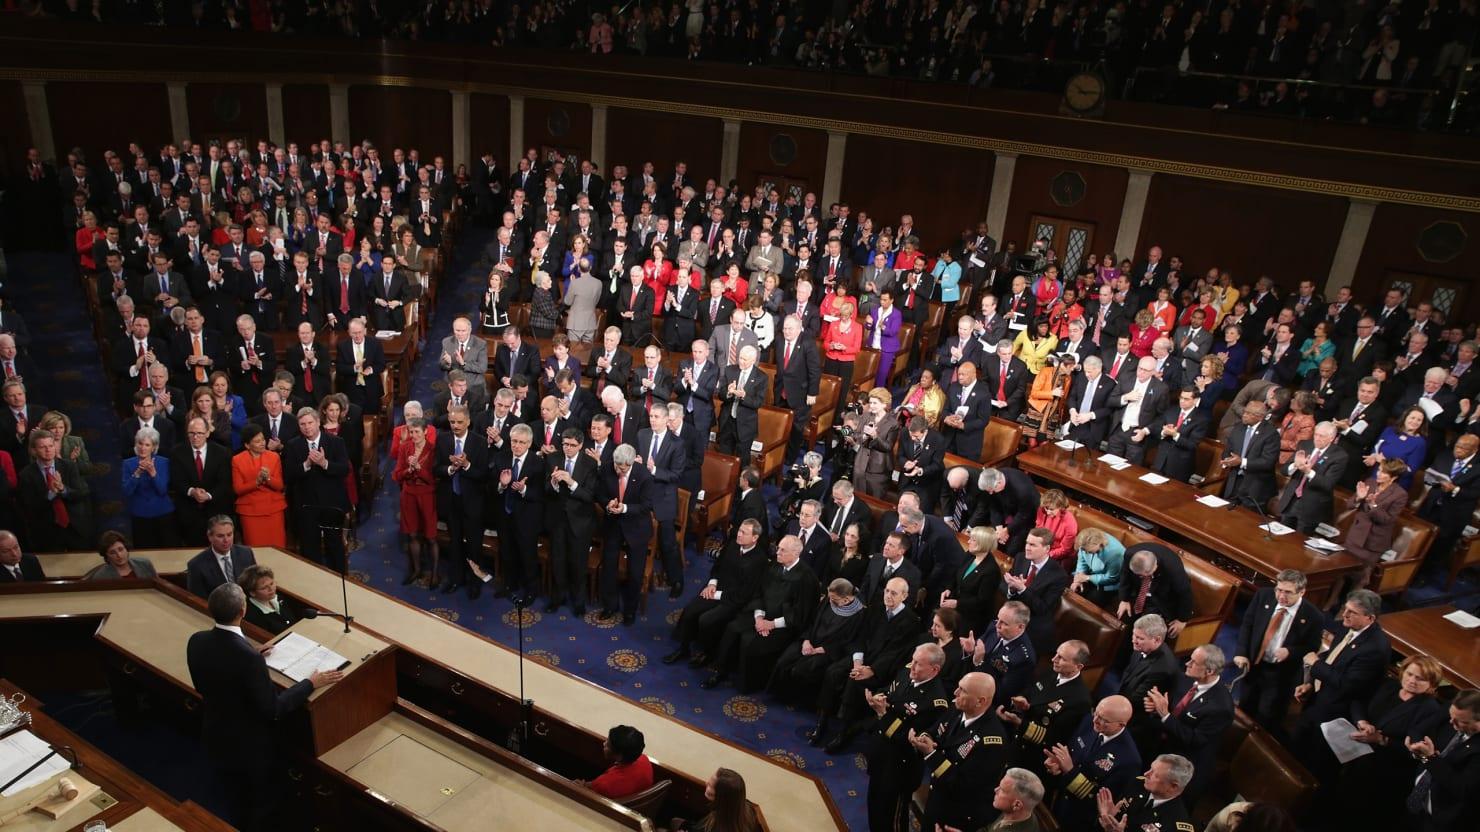 10 Religious Surprises in the US Congress